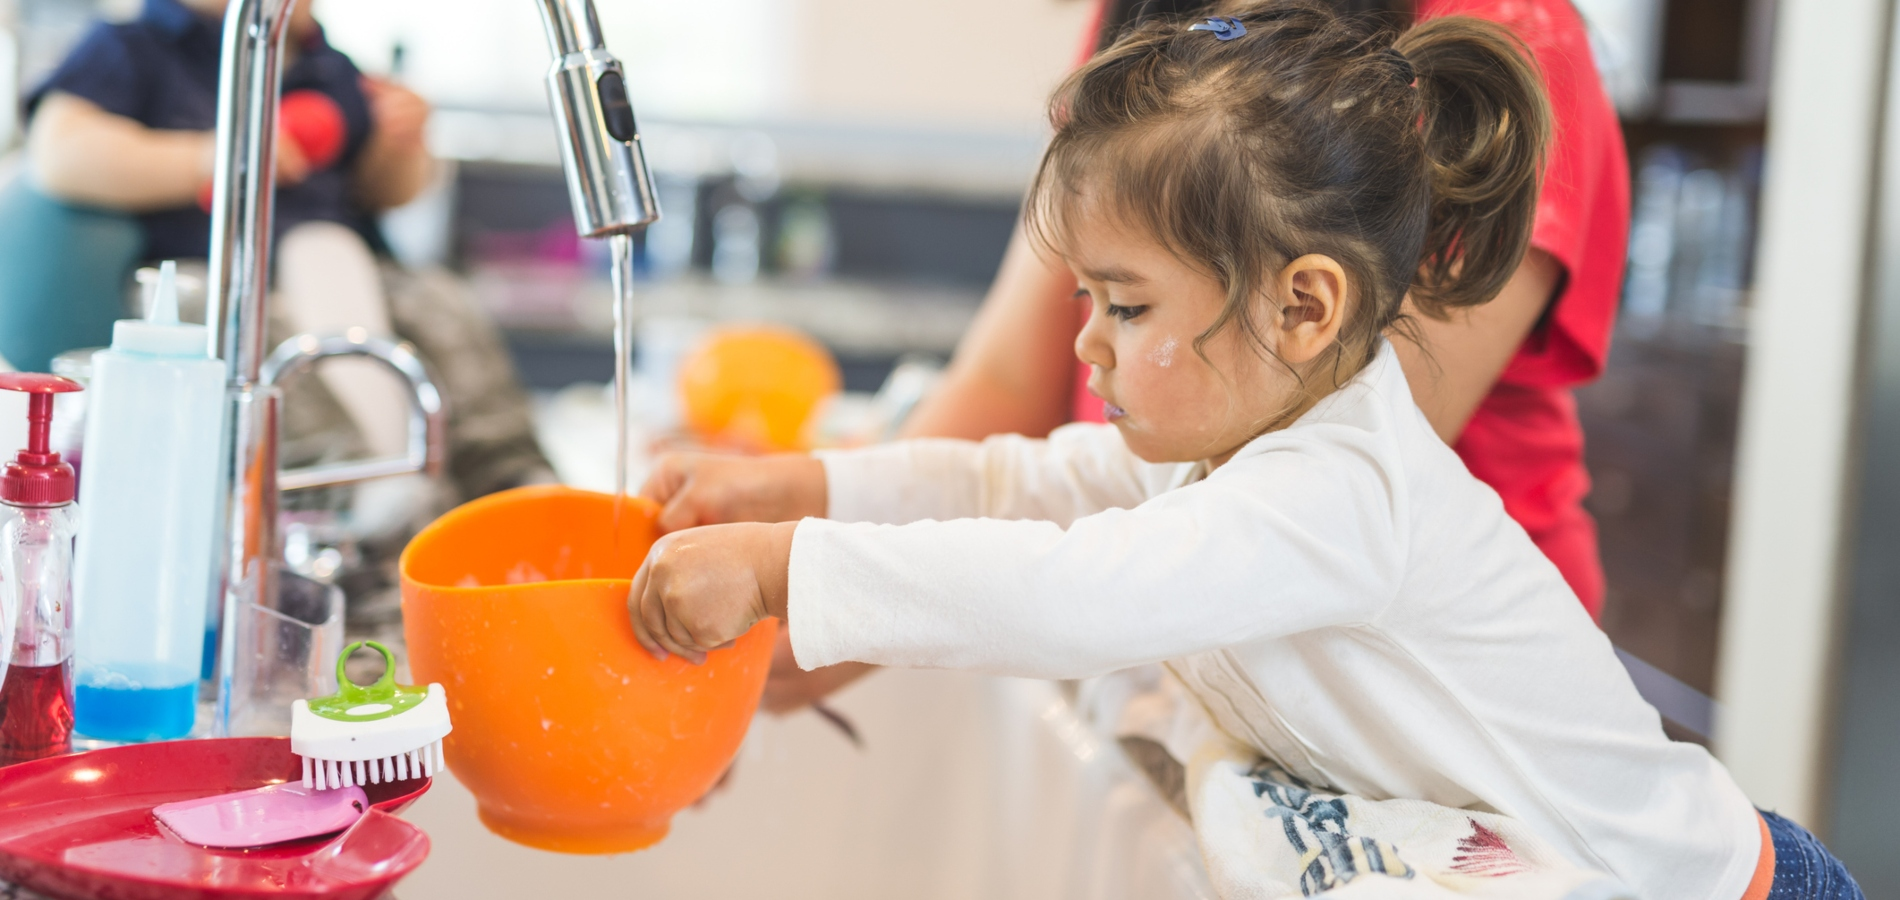 Lit Au Sol Montessori Quel Age cinq façons d'appliquer la pédagogie montessori à la maison